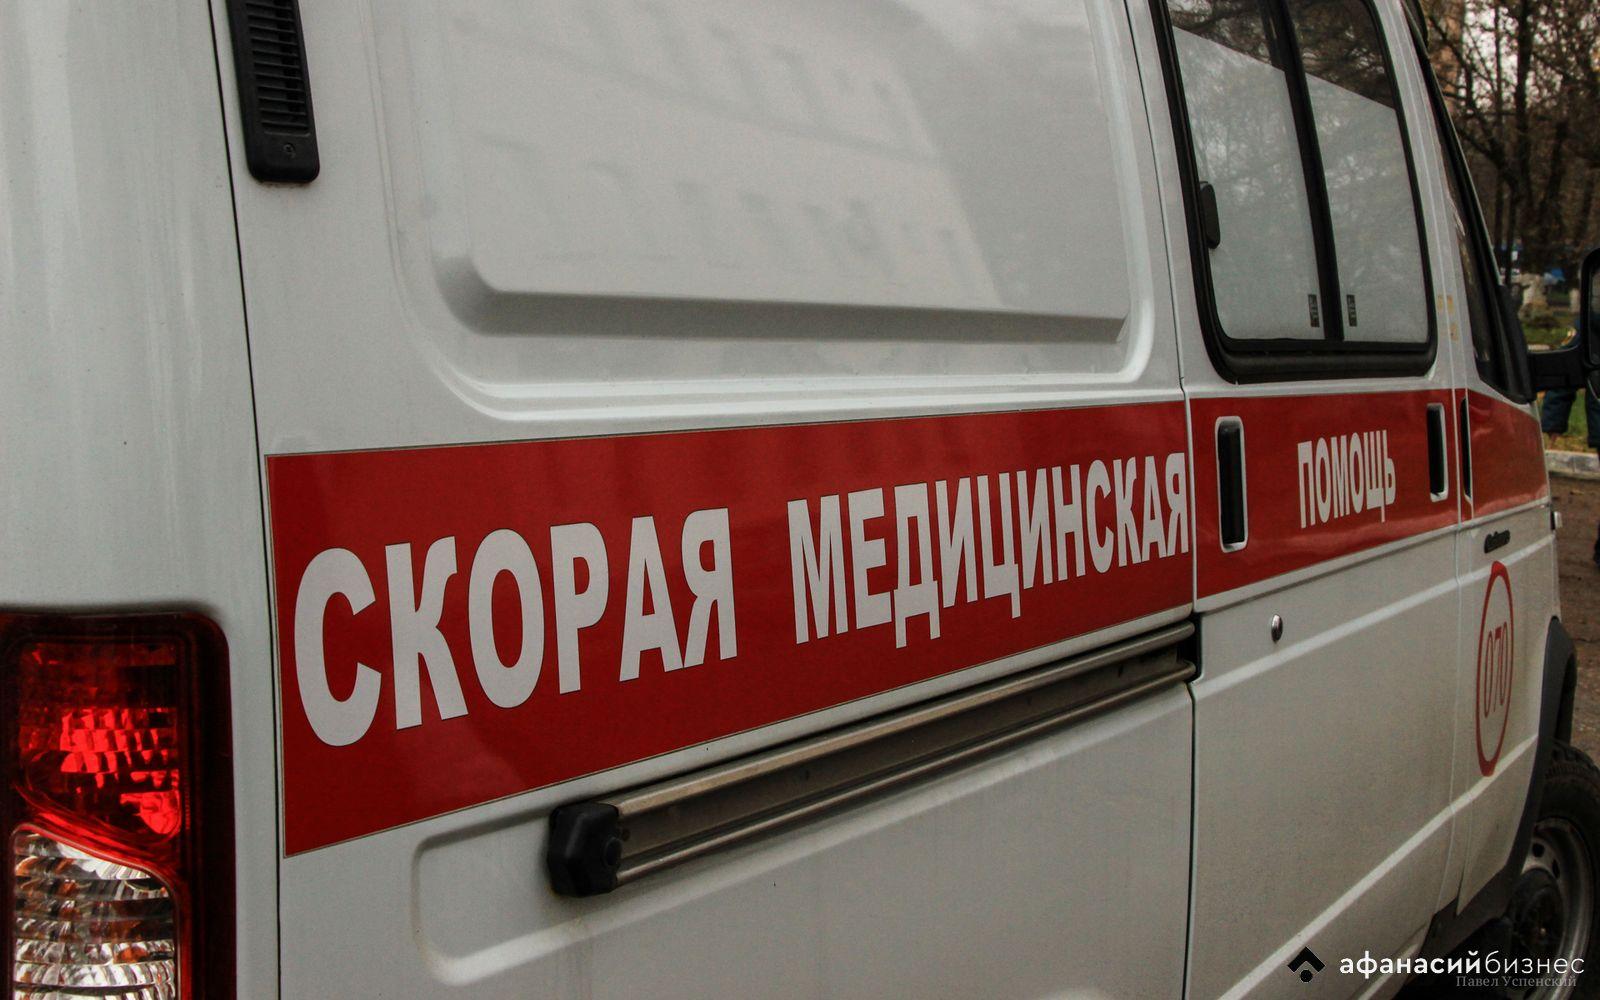 Житель Тверской области нашел на путях в Крыму попавшего под поезд мужчину - новости Афанасий